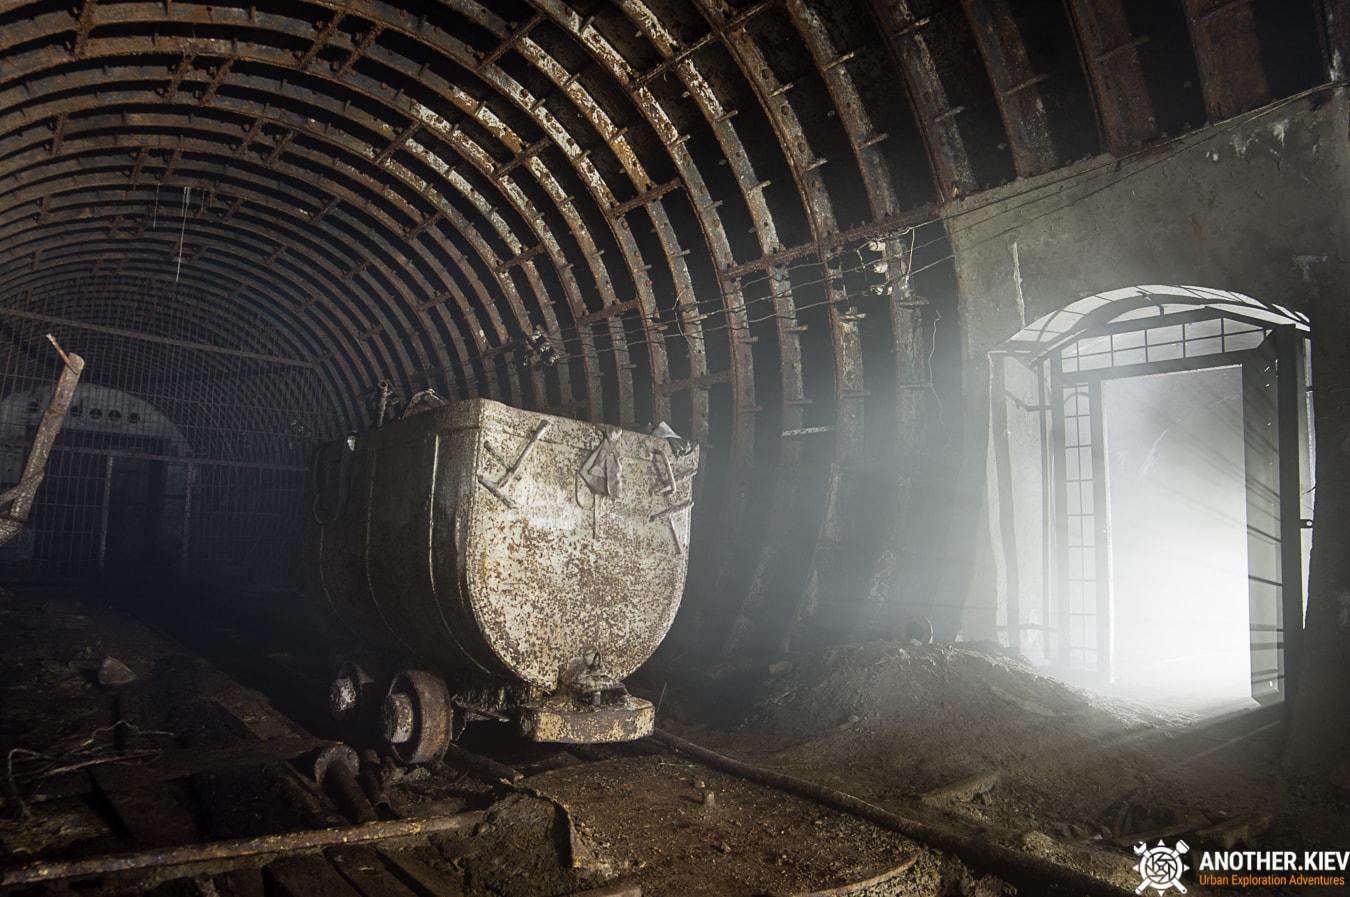 unfinished-abandoned-diesel-power-station-bunker-0475-min Недостроенная и заброшенная дизельная электростанция в киевском метро